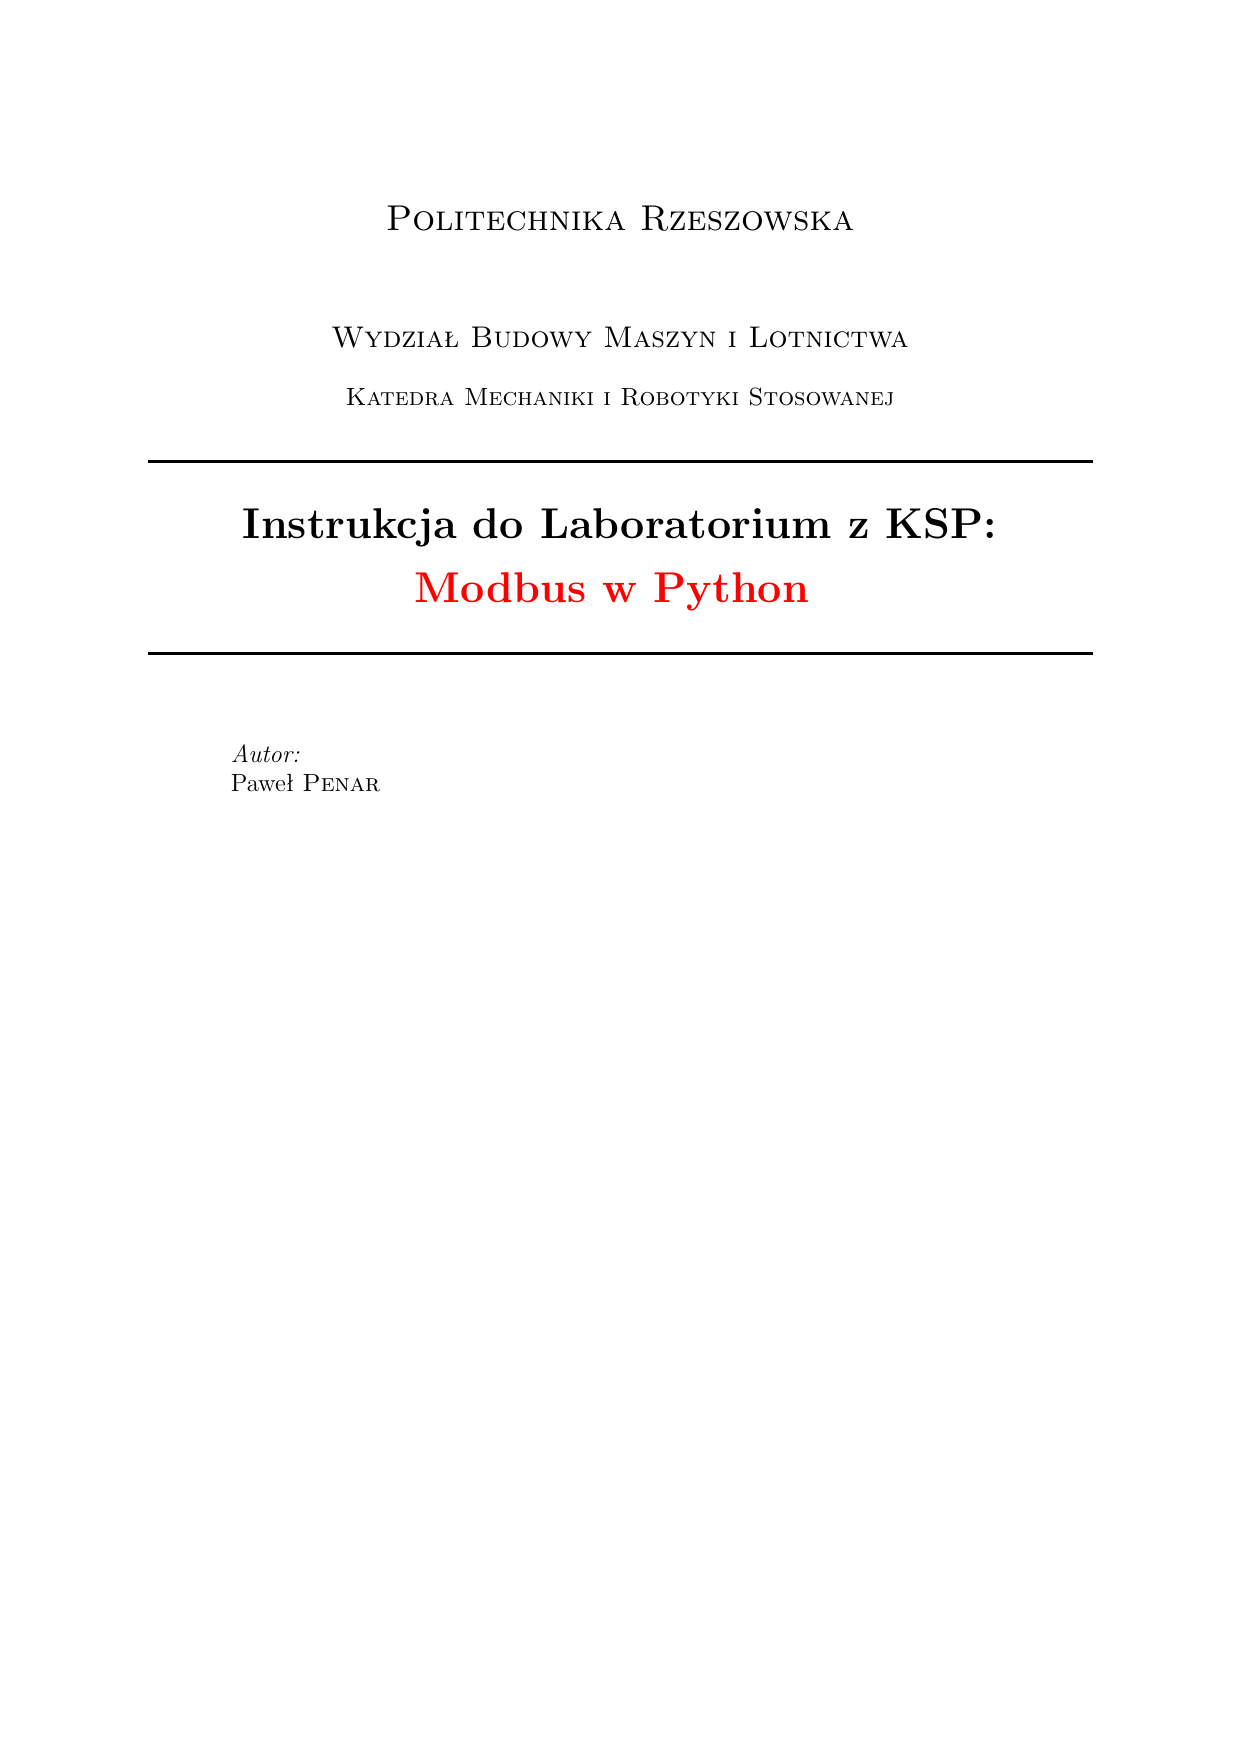 Modbus w Python - Politechnika Rzeszowska